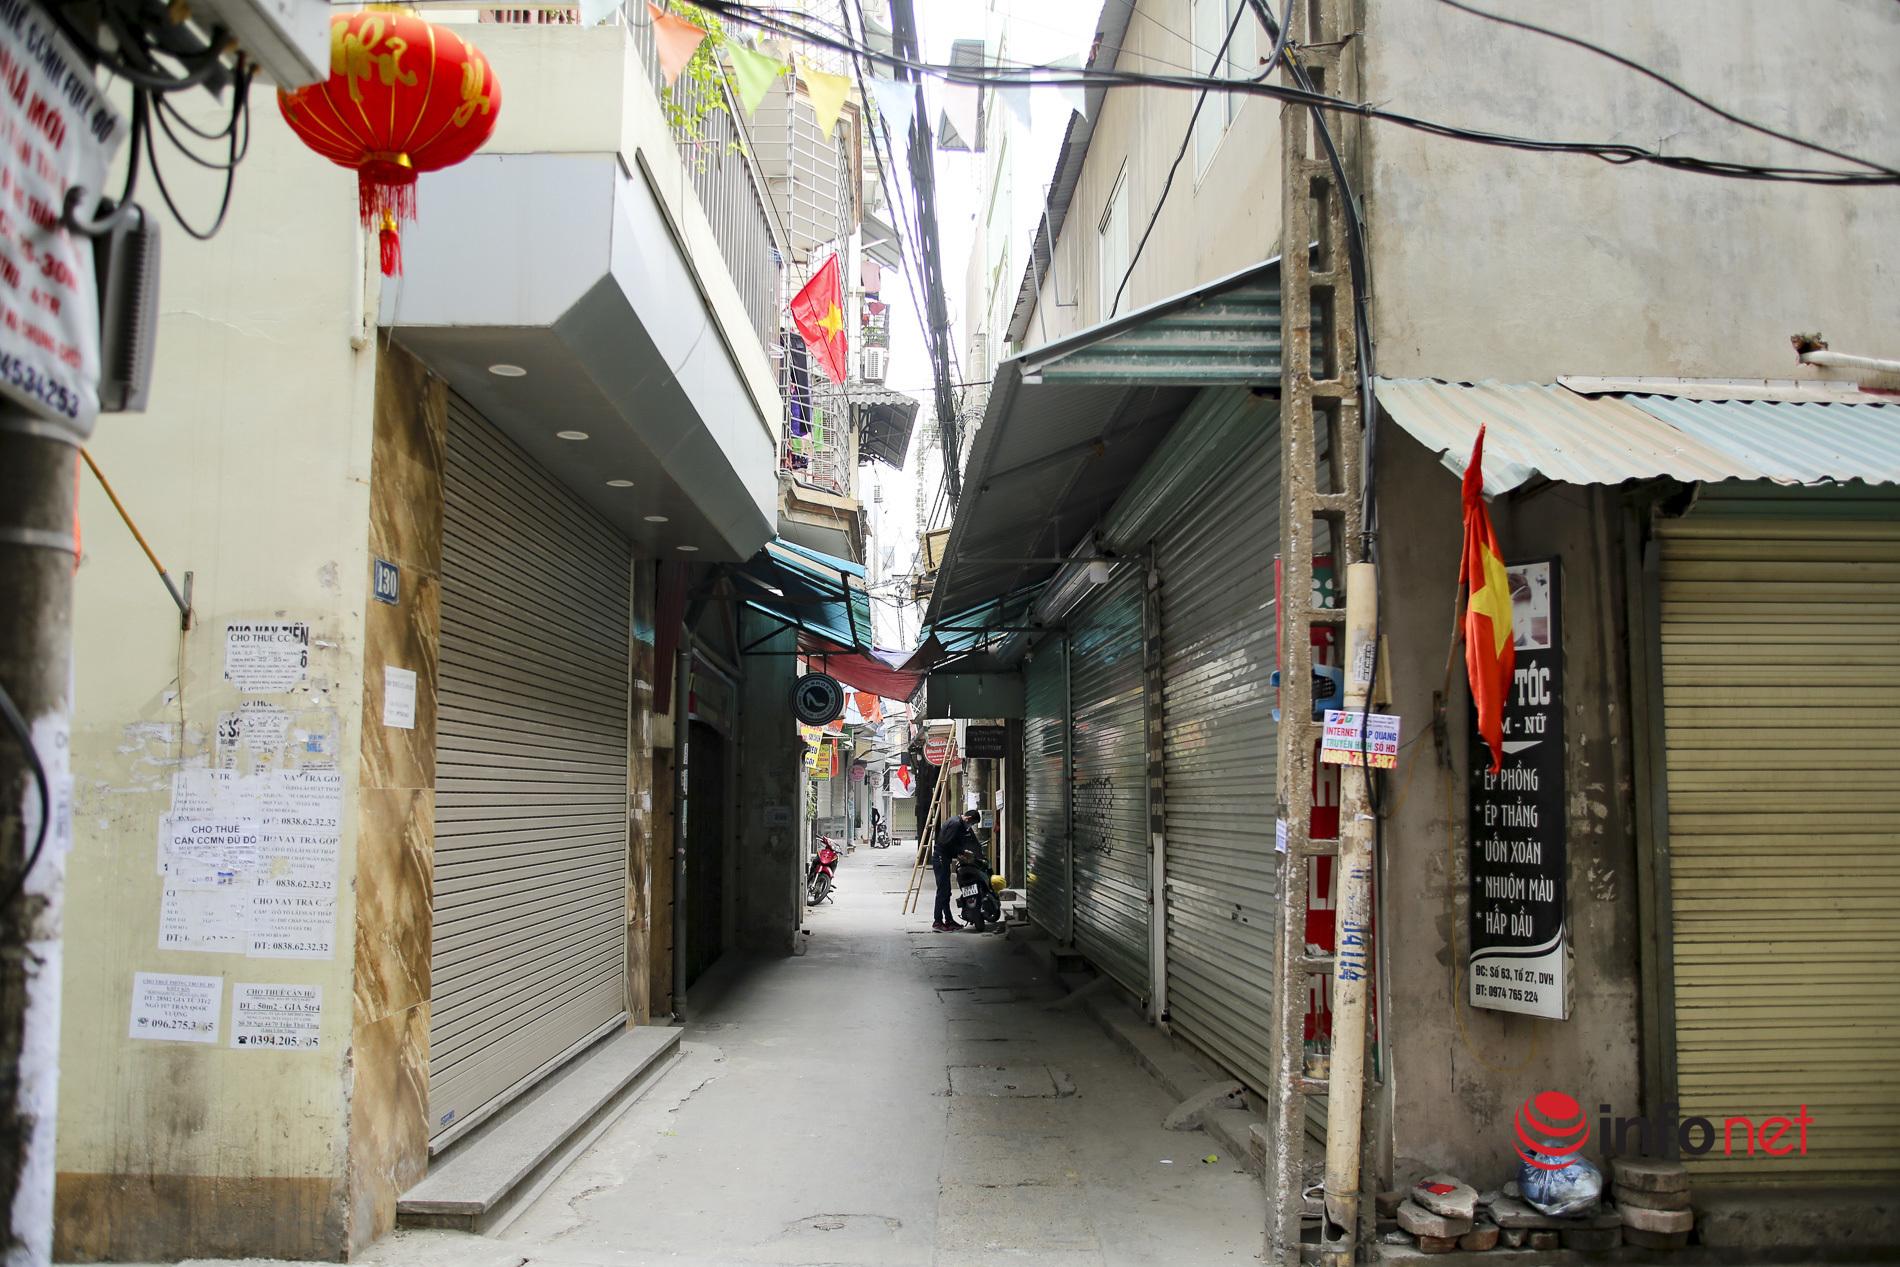 Quán cơm văn phòng, bún phở, cà phê đóng cửa im lìm, hè phố Hà Nội thông thoáng